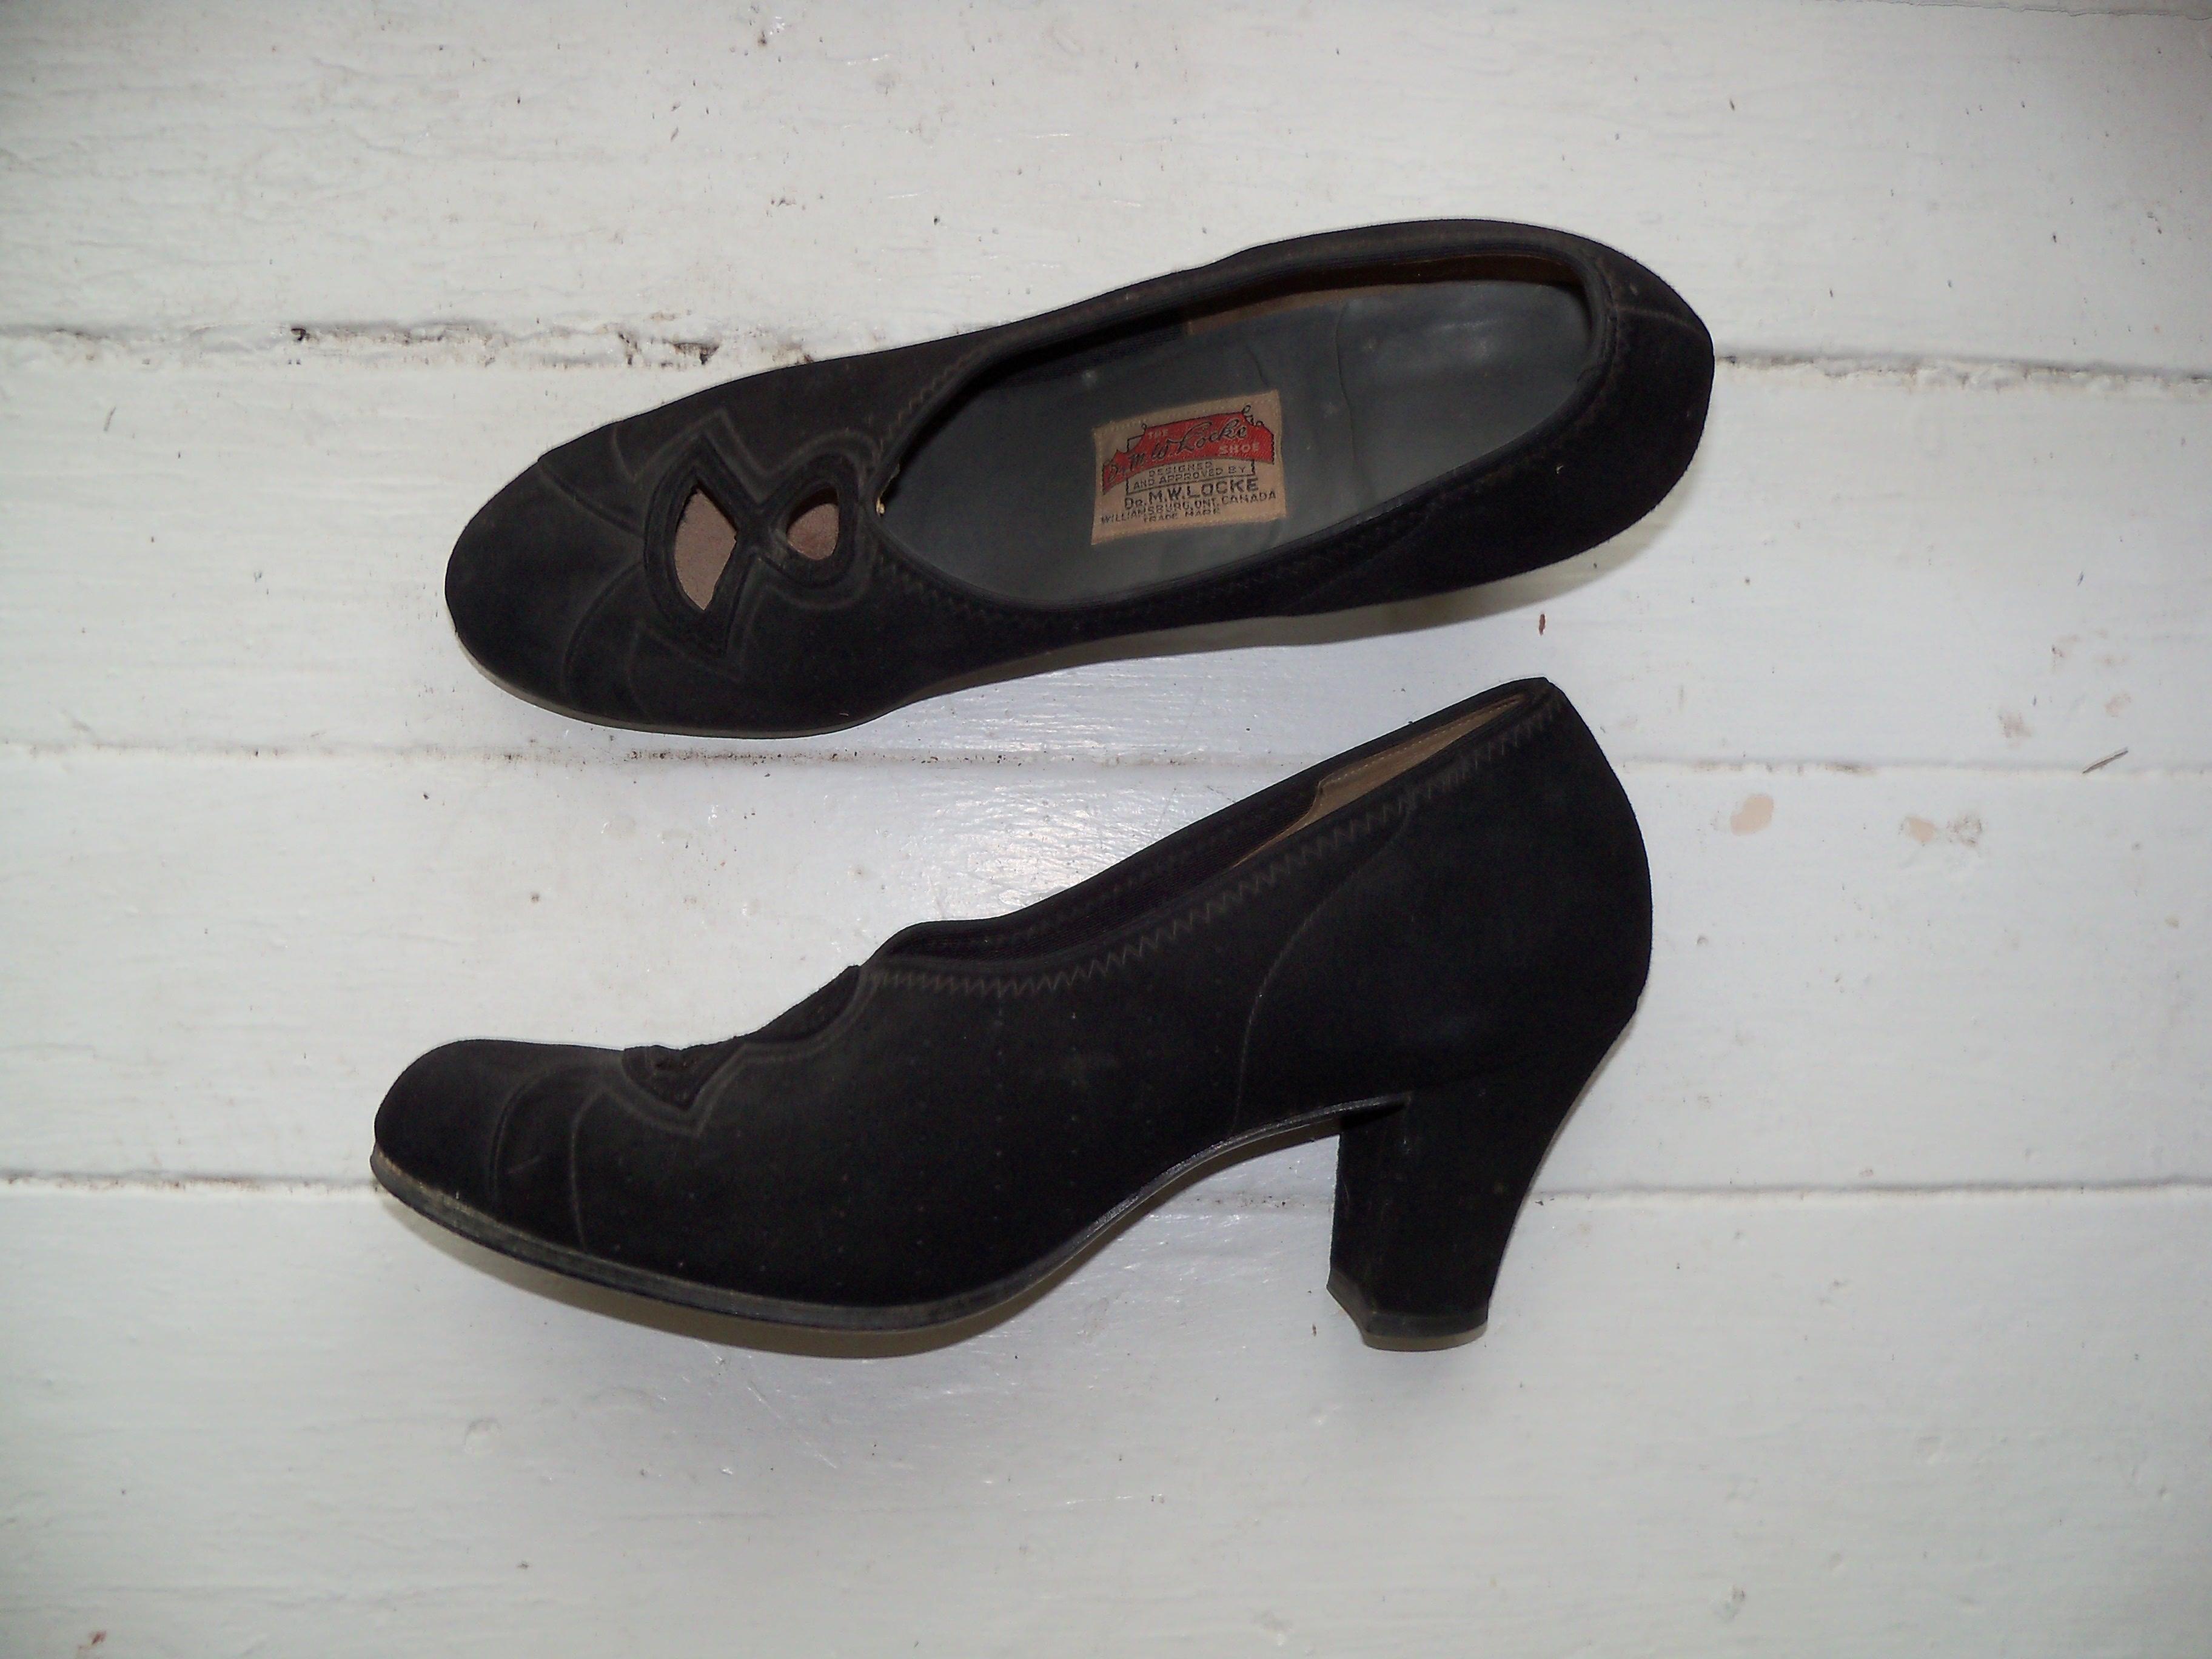 kangaroo superfeet shoes insoles en comfort comforter and us ross rosskangtop doctor sandals footwear